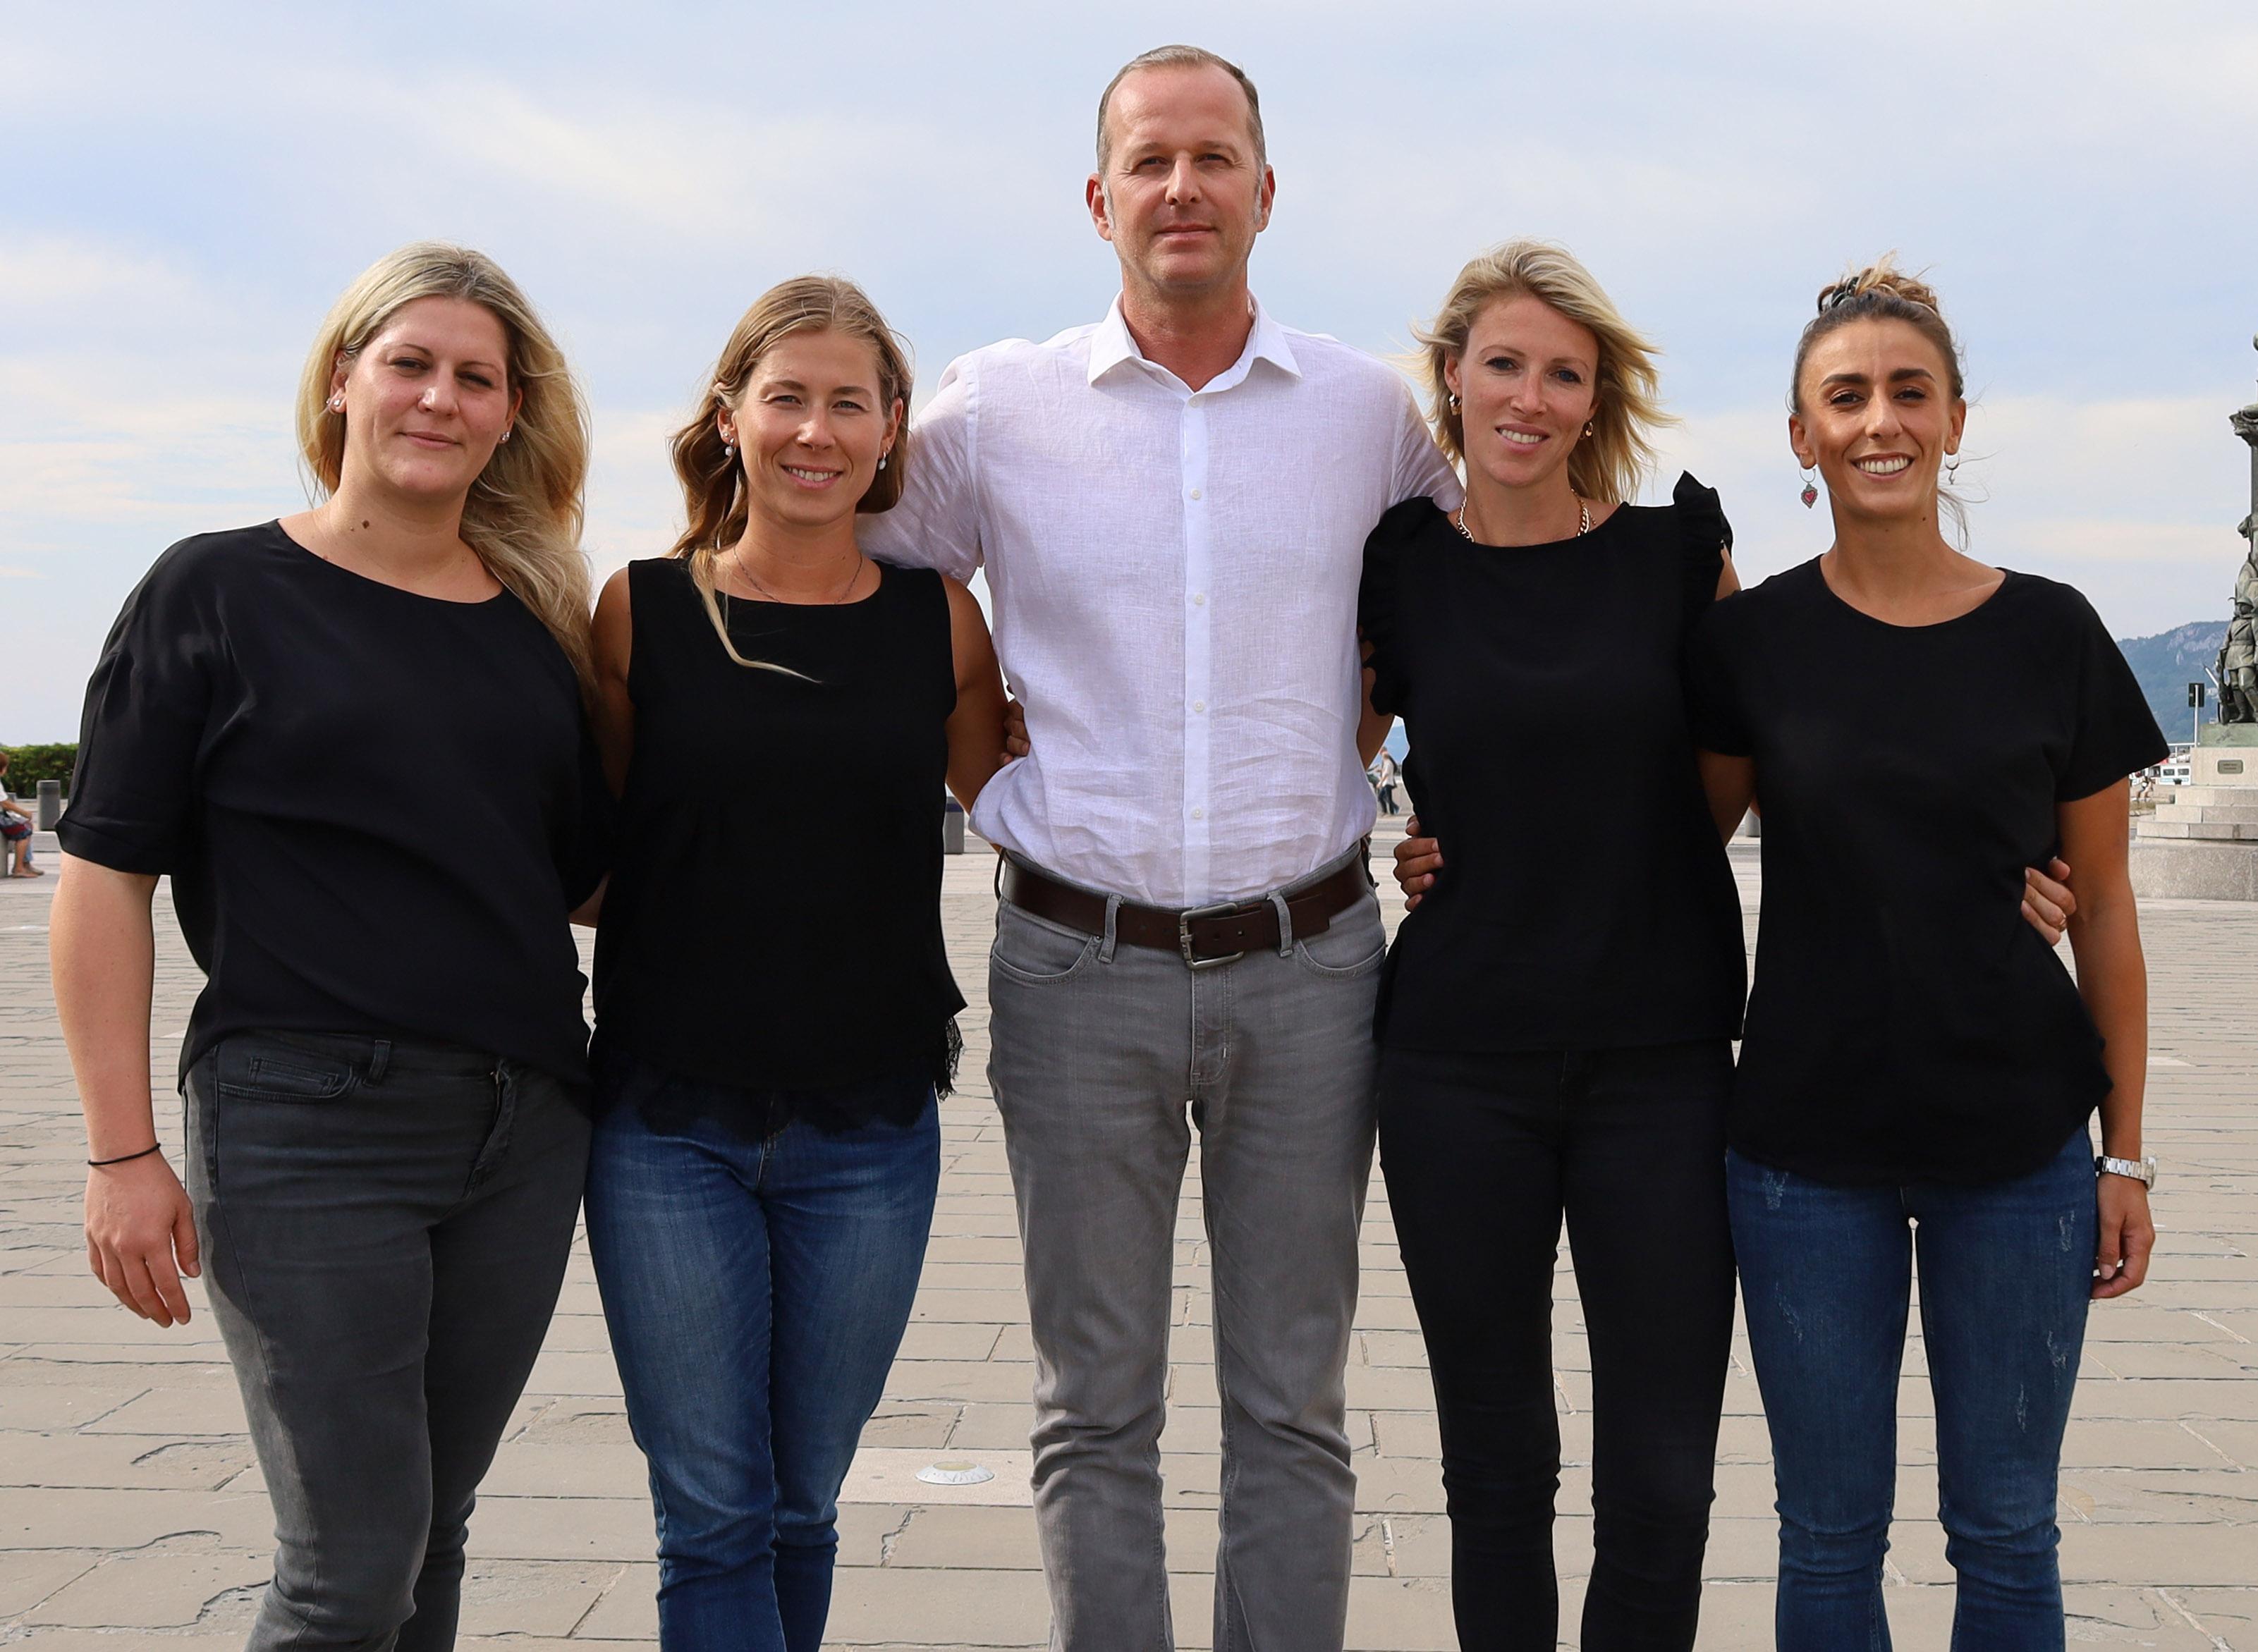 Rilancio del settore nuoto, Stefania Pirozzi nuova direttrice tecnica